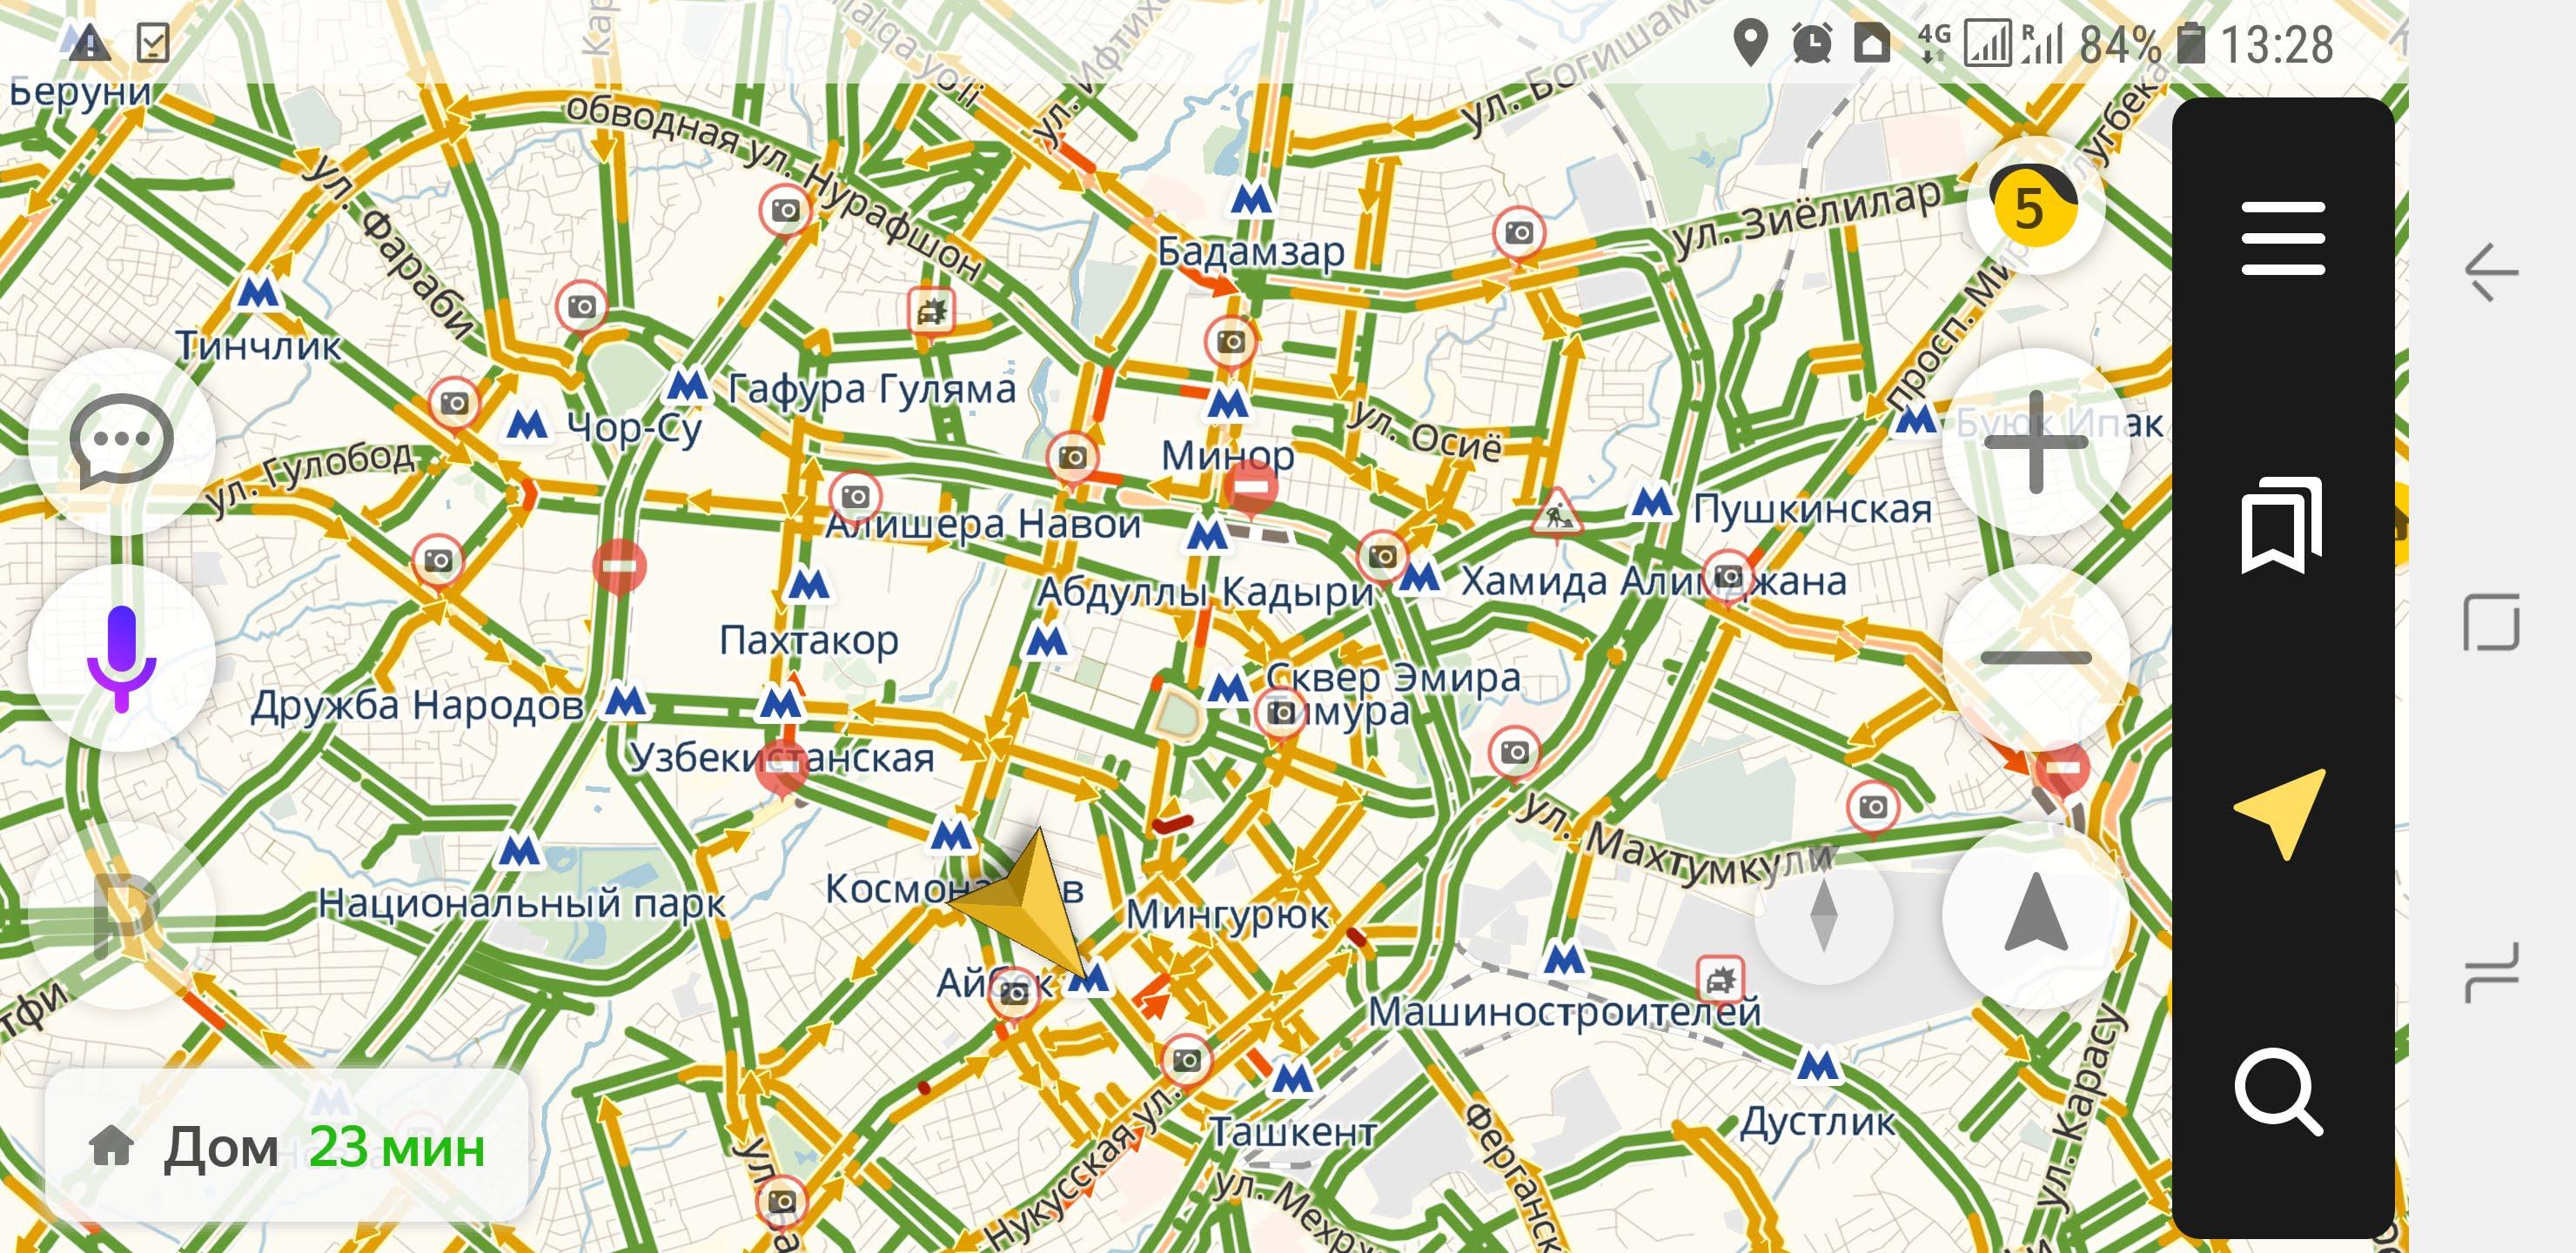 Яндекс Пробки в Ташкенте